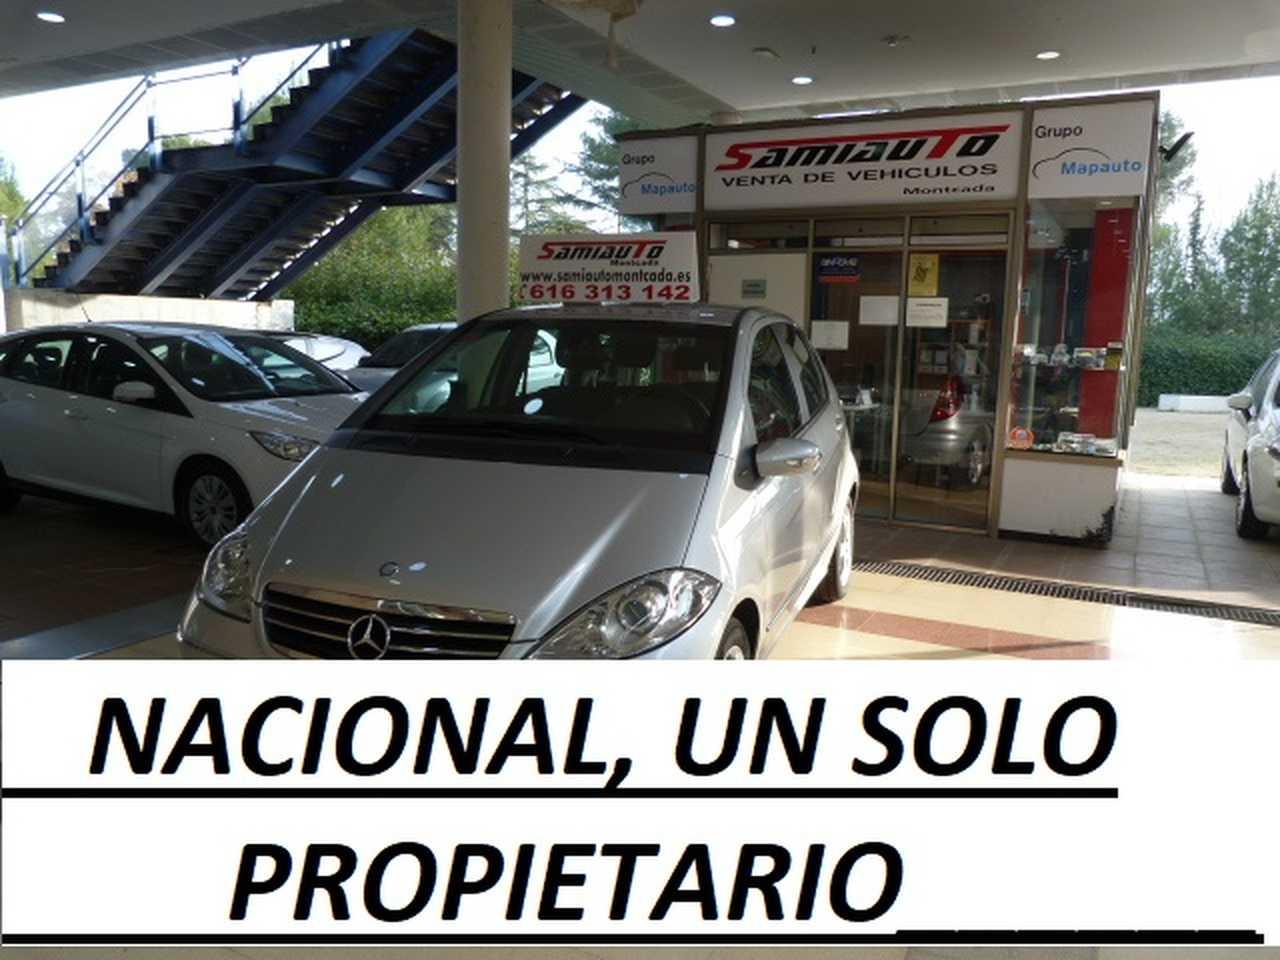 Mercedes Clase A Clase A A 180 CDI AVANTGARDE 5p. un solo propietario, kilómetros certificados  - Foto 1